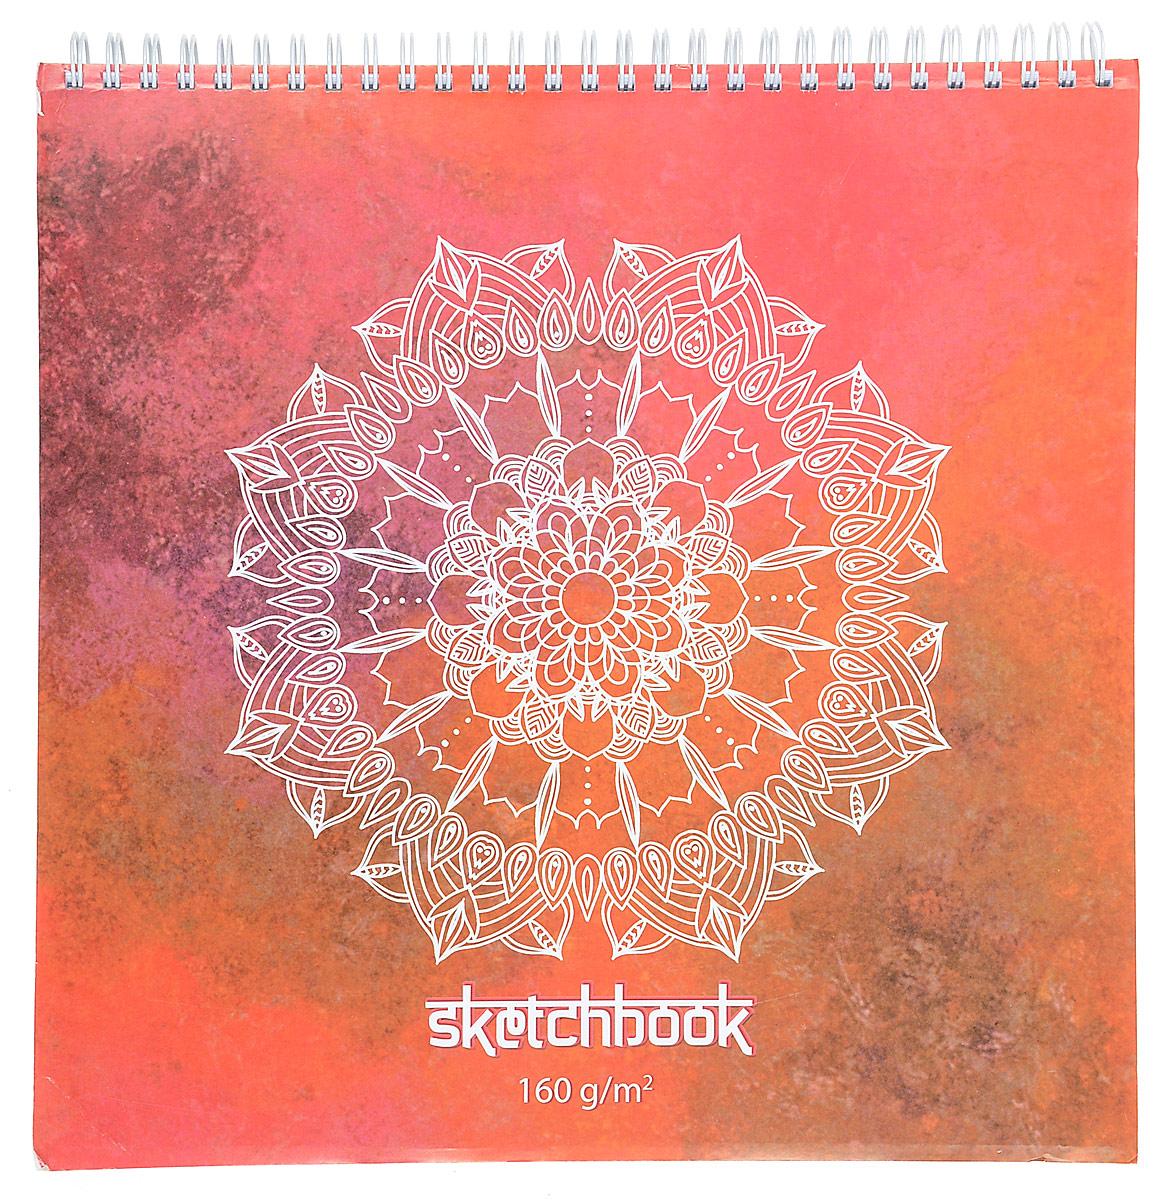 Полином Бумага для эскизов Sketchbook цвет оранжевый белый 60 листов2333515_оранжевый, белыйПолином Бумага для эскизов Sketchbook цвет оранжевый белый 60 листов